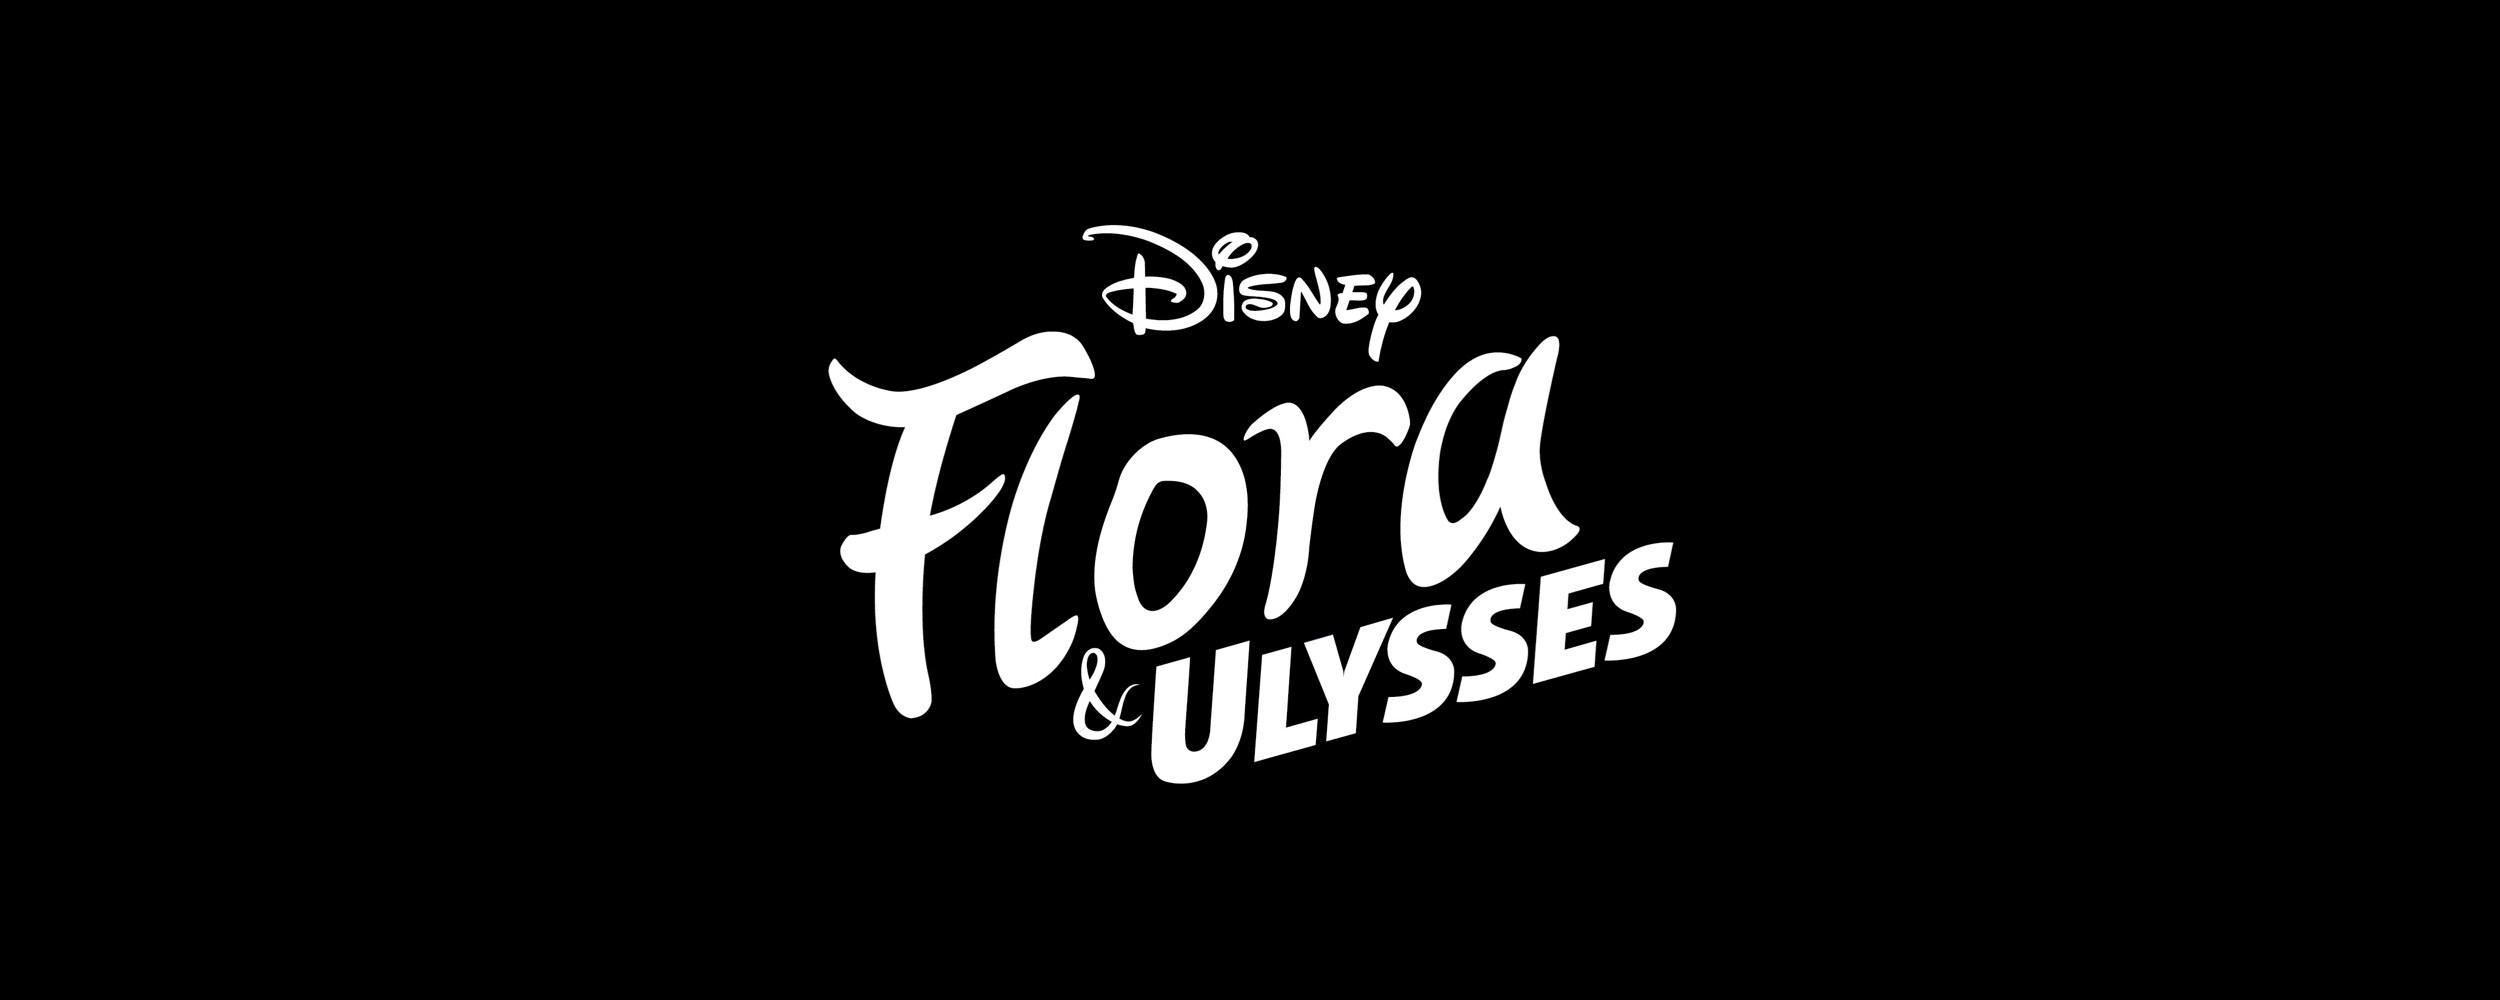 Flora & Ulysses Media Kit